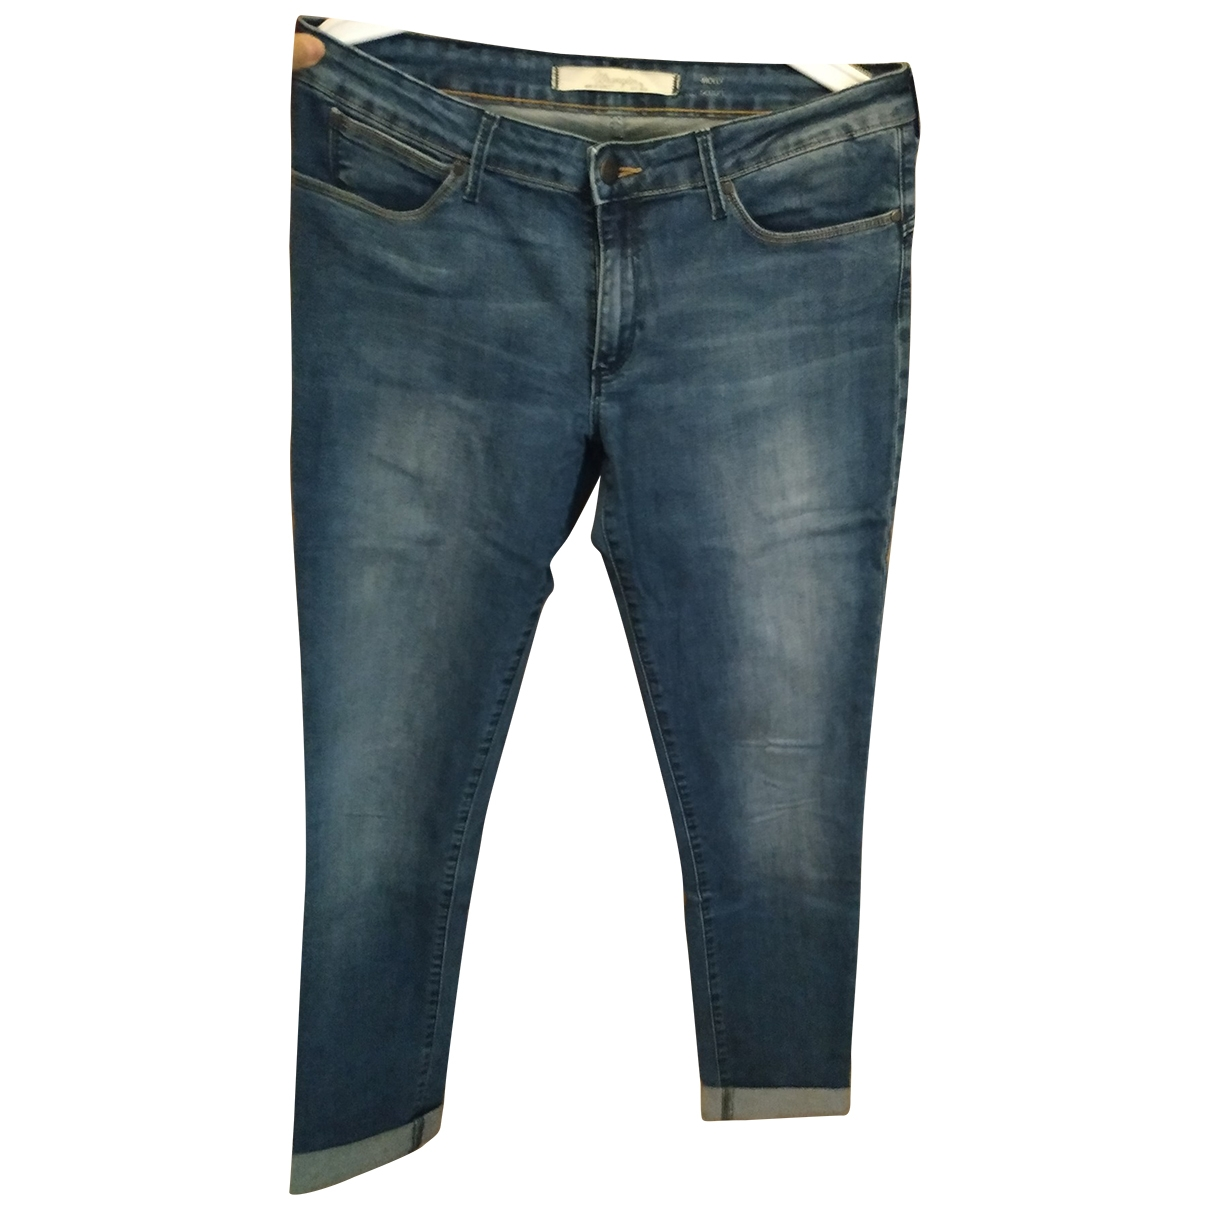 Wrangler \N Blue Cotton - elasthane Jeans for Women 31 US